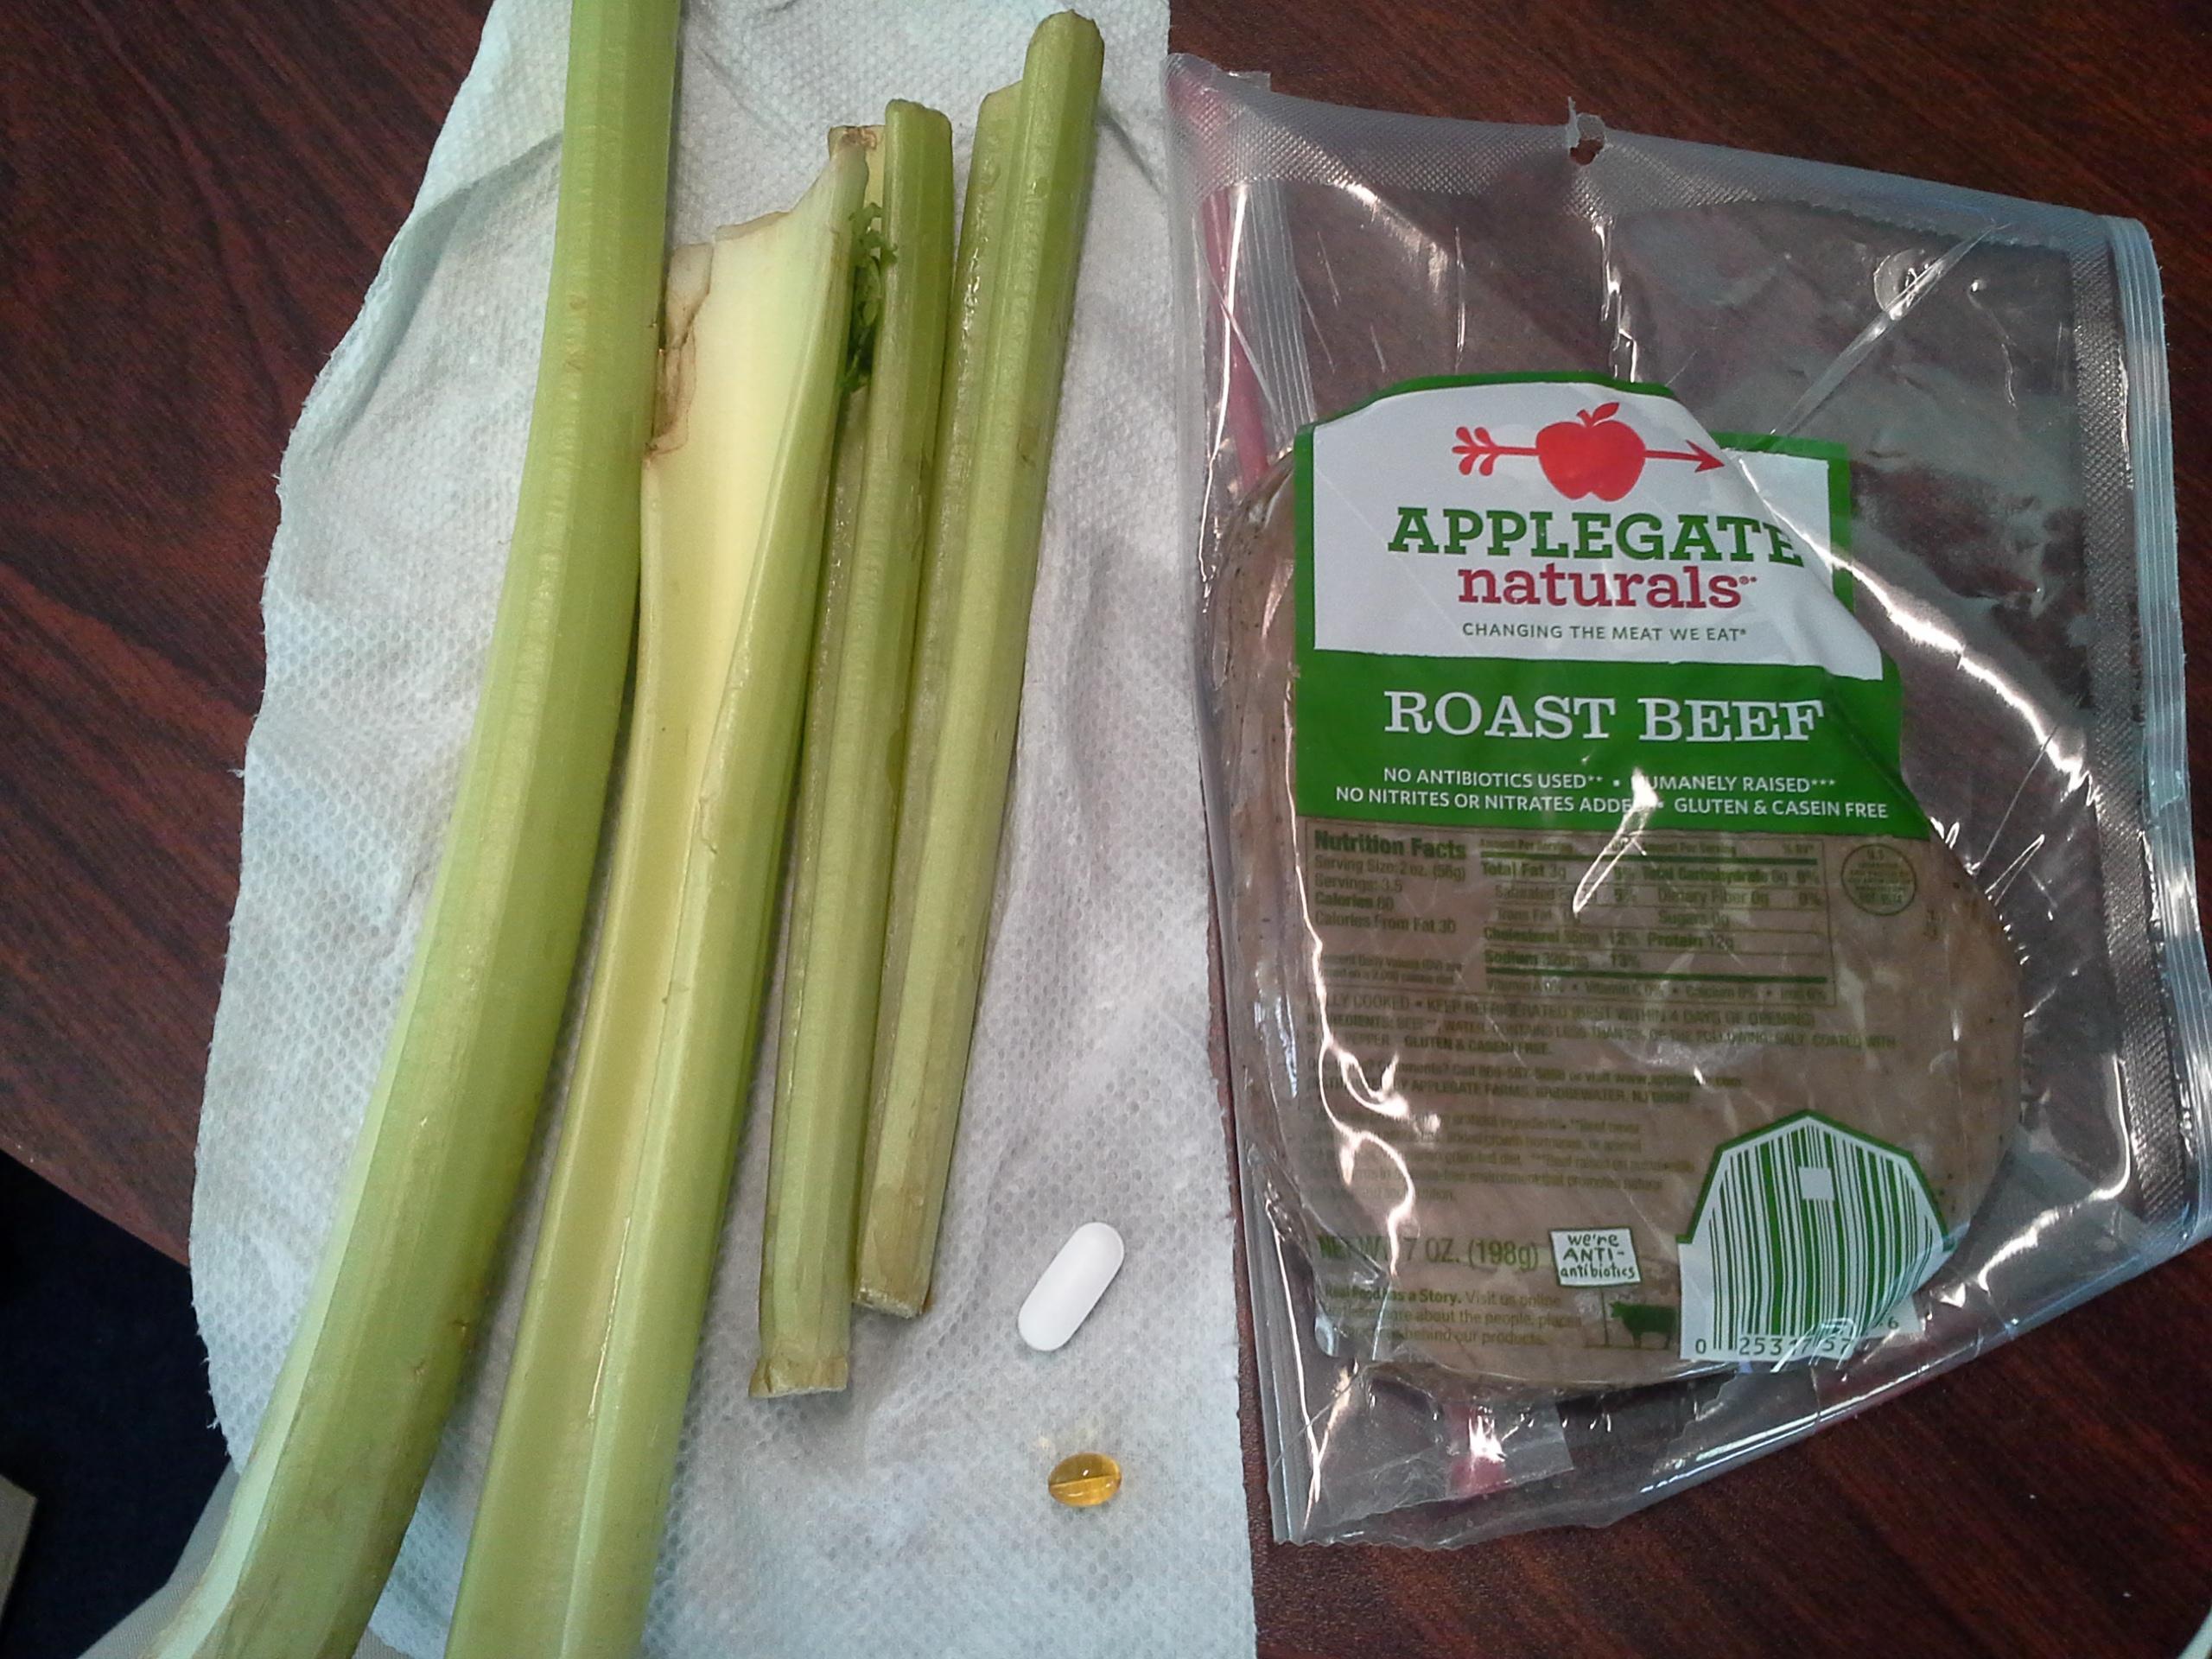 Lunch: 4:20 p.m. | 7 oz. roast beef, 4 stalks celery, 5,000 IU Vitamin D capsule, Calcium/Magnesium/Zinc caplet